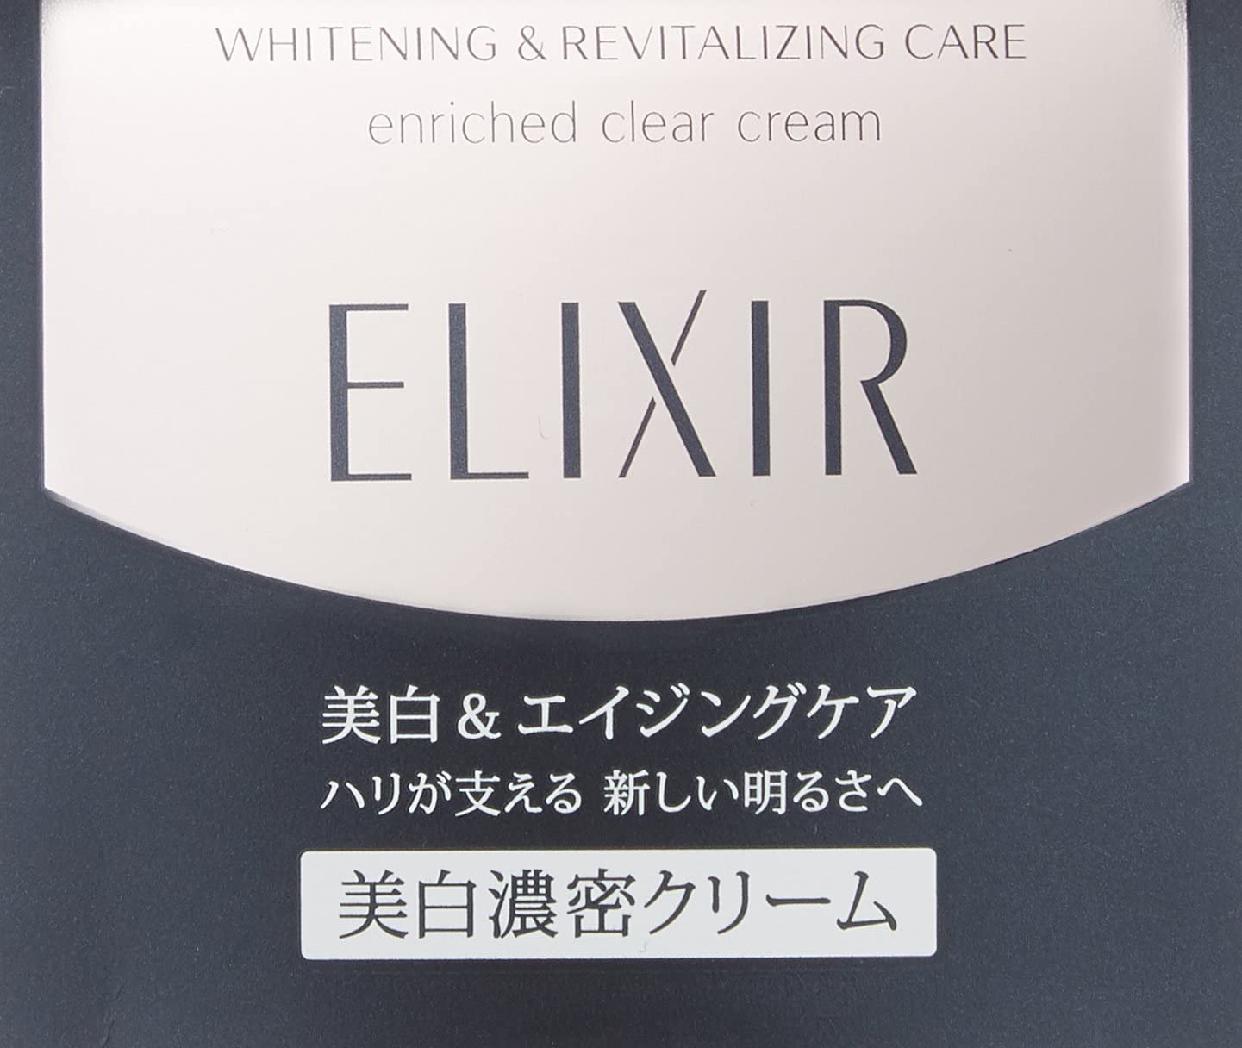 ELIXIR(エリクシール) ホワイト エンリッチド クリアクリーム TBの商品画像7